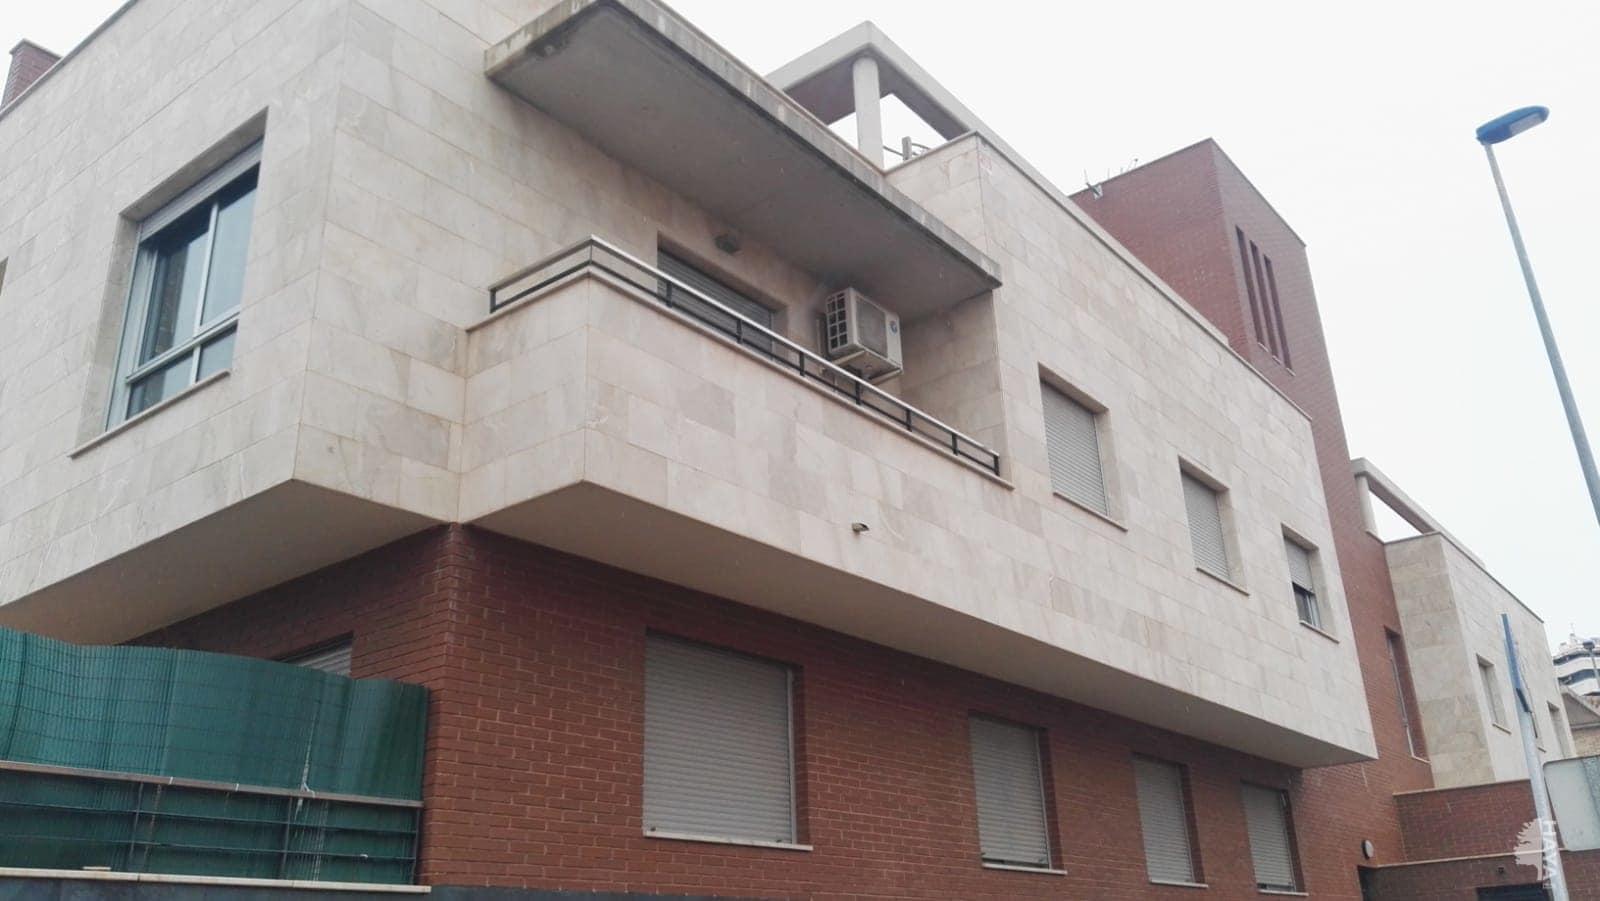 Piso en venta en Molina de Segura, Murcia, Calle Holanda, Zon, 94.729 €, 3 habitaciones, 3 baños, 116 m2